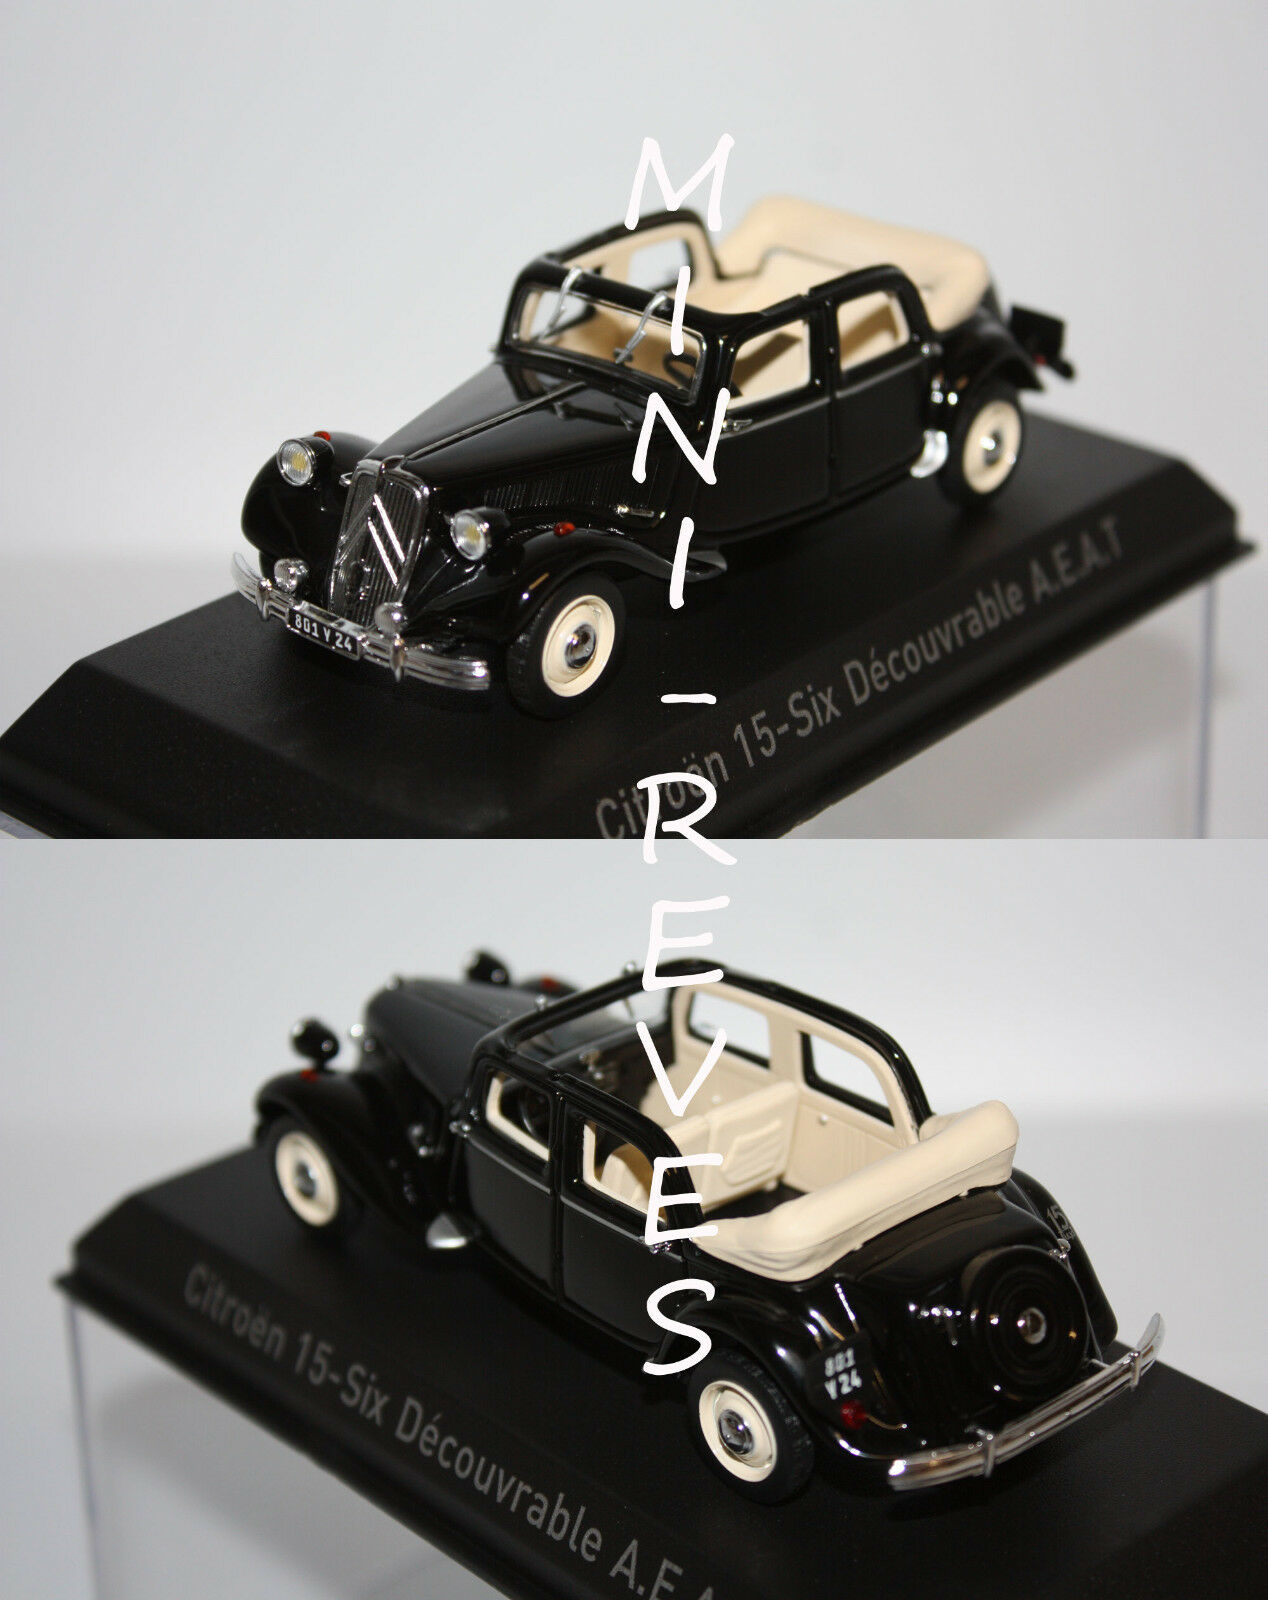 Norev Citroën 15-Six Découvrable 1951 1951 1951 blacke 1 43 153022 4fffa0